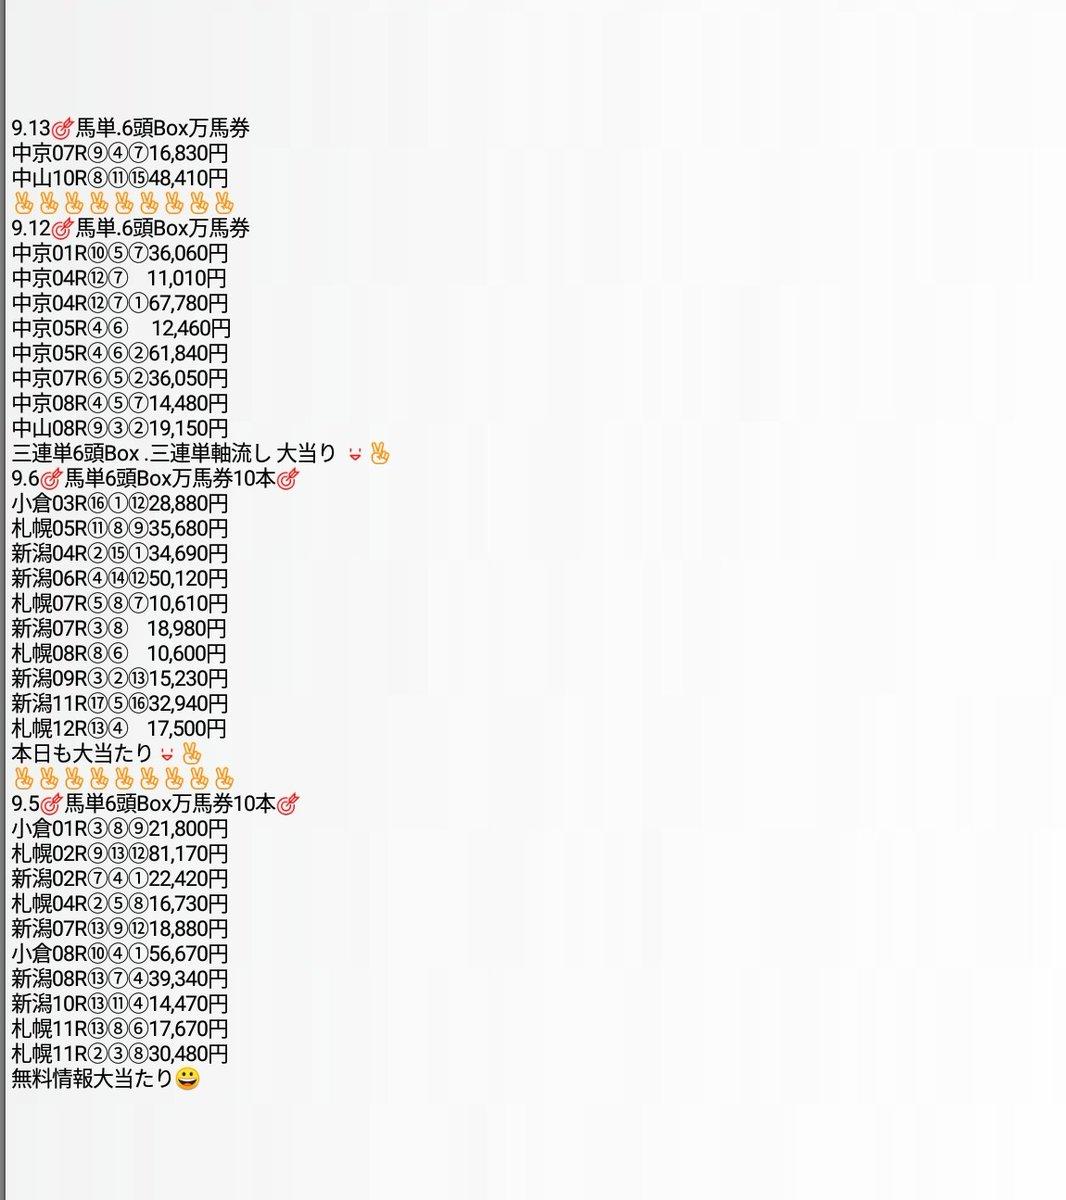 9.20中京3R馬単、三連単  #フォーメーション予想⑦⇒⑤⑥⑪⇒②⑤⑥⑦⑩⑪⑥⇒⑦⑩⑤⇒6頭6Box馬番同上⑩⇒⑥⑦⑪⇒6頭6Box馬番同上他のレースはで販売中‼️六命数6頭6Box万馬券3本🎯😀